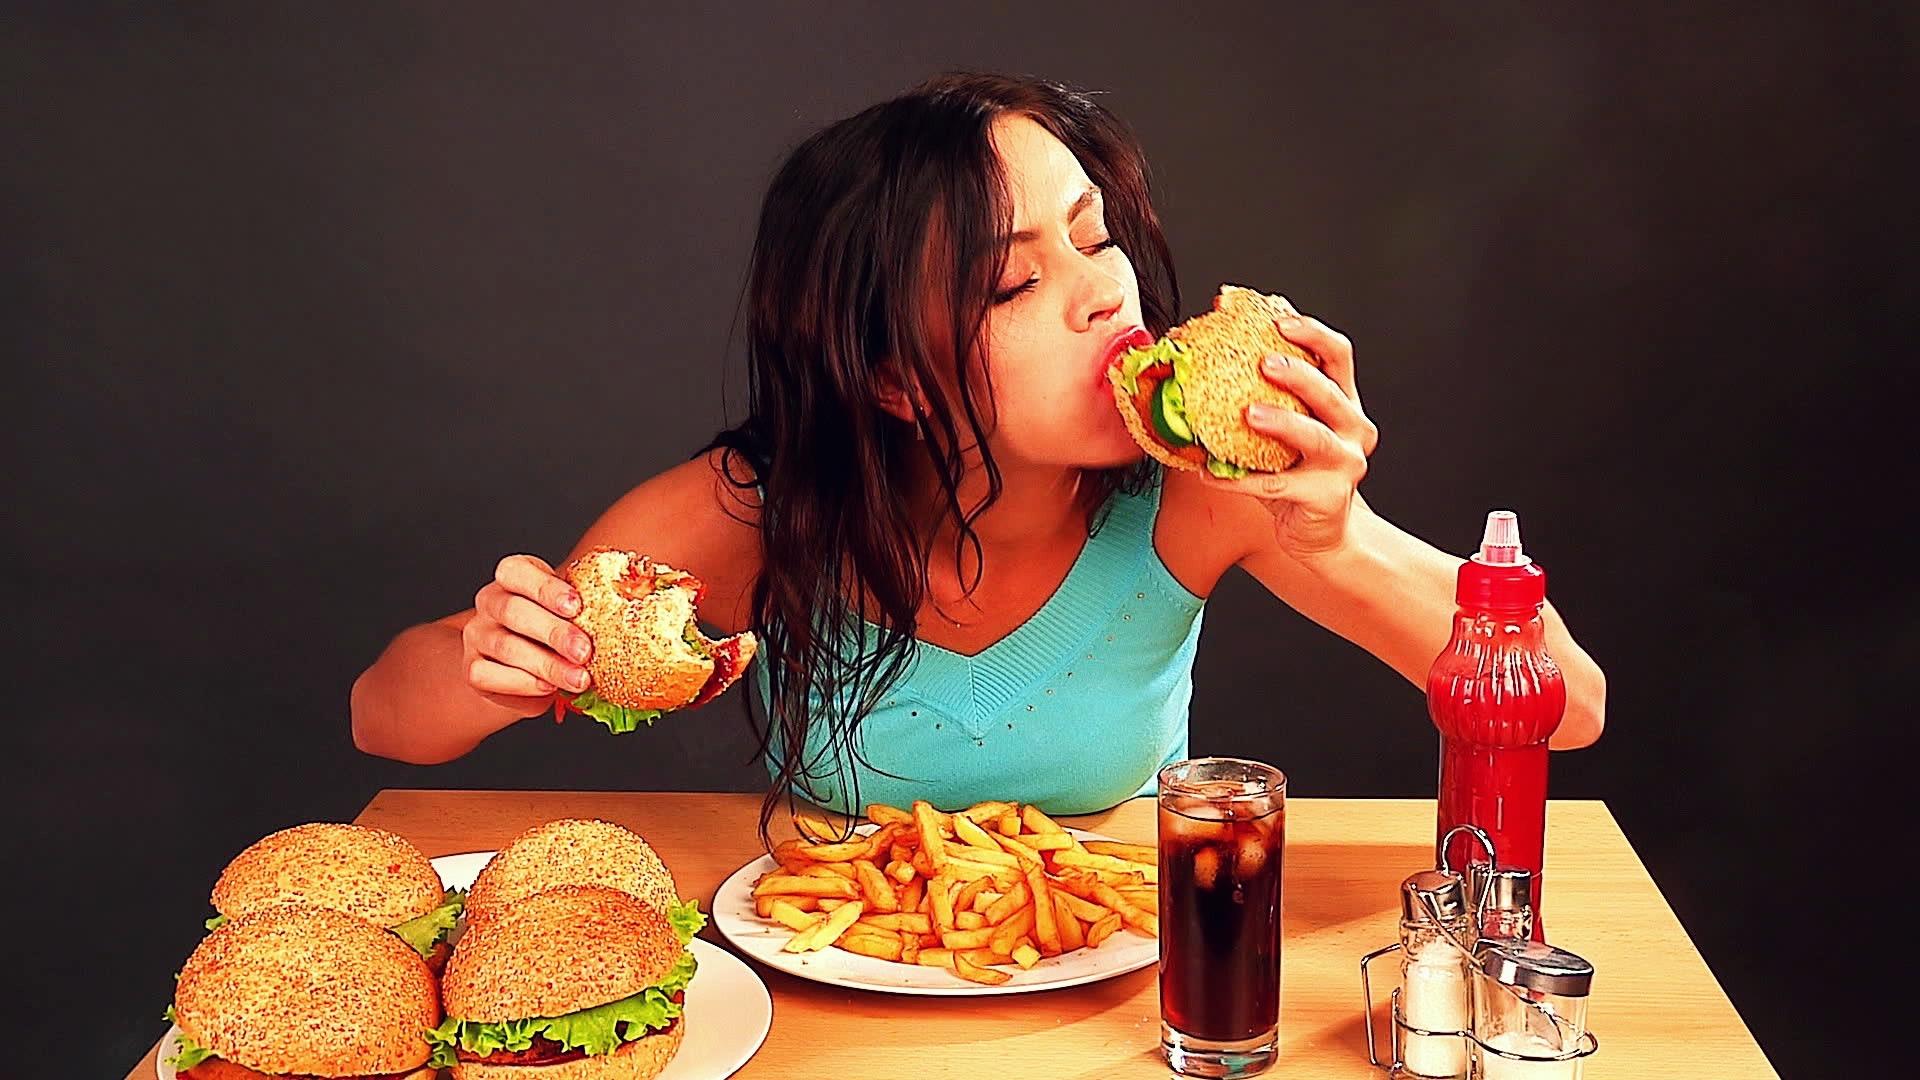 Thức ăn nhanh là nguyên nhân gây vô sinh ở phụ nữ